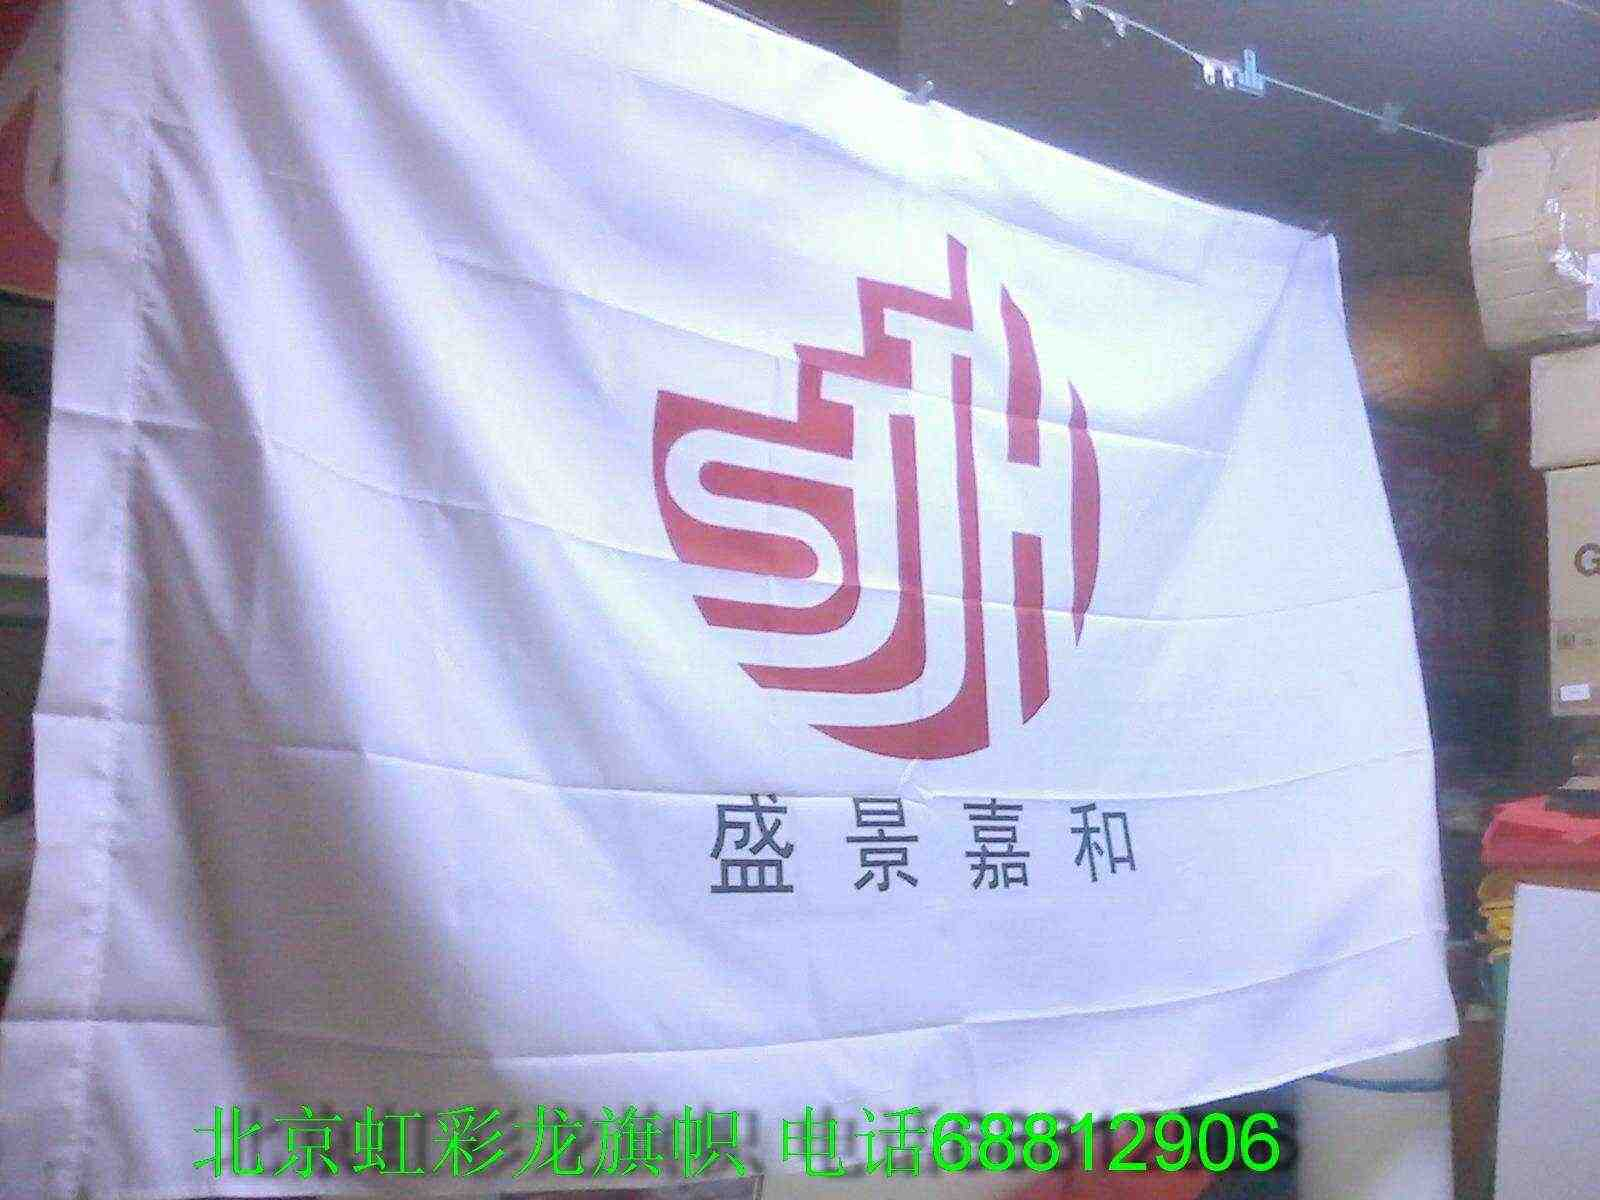 工艺品,饰品 标志旗,公司标志旗,企事业标志旗制作  北京虹彩龙旗帜